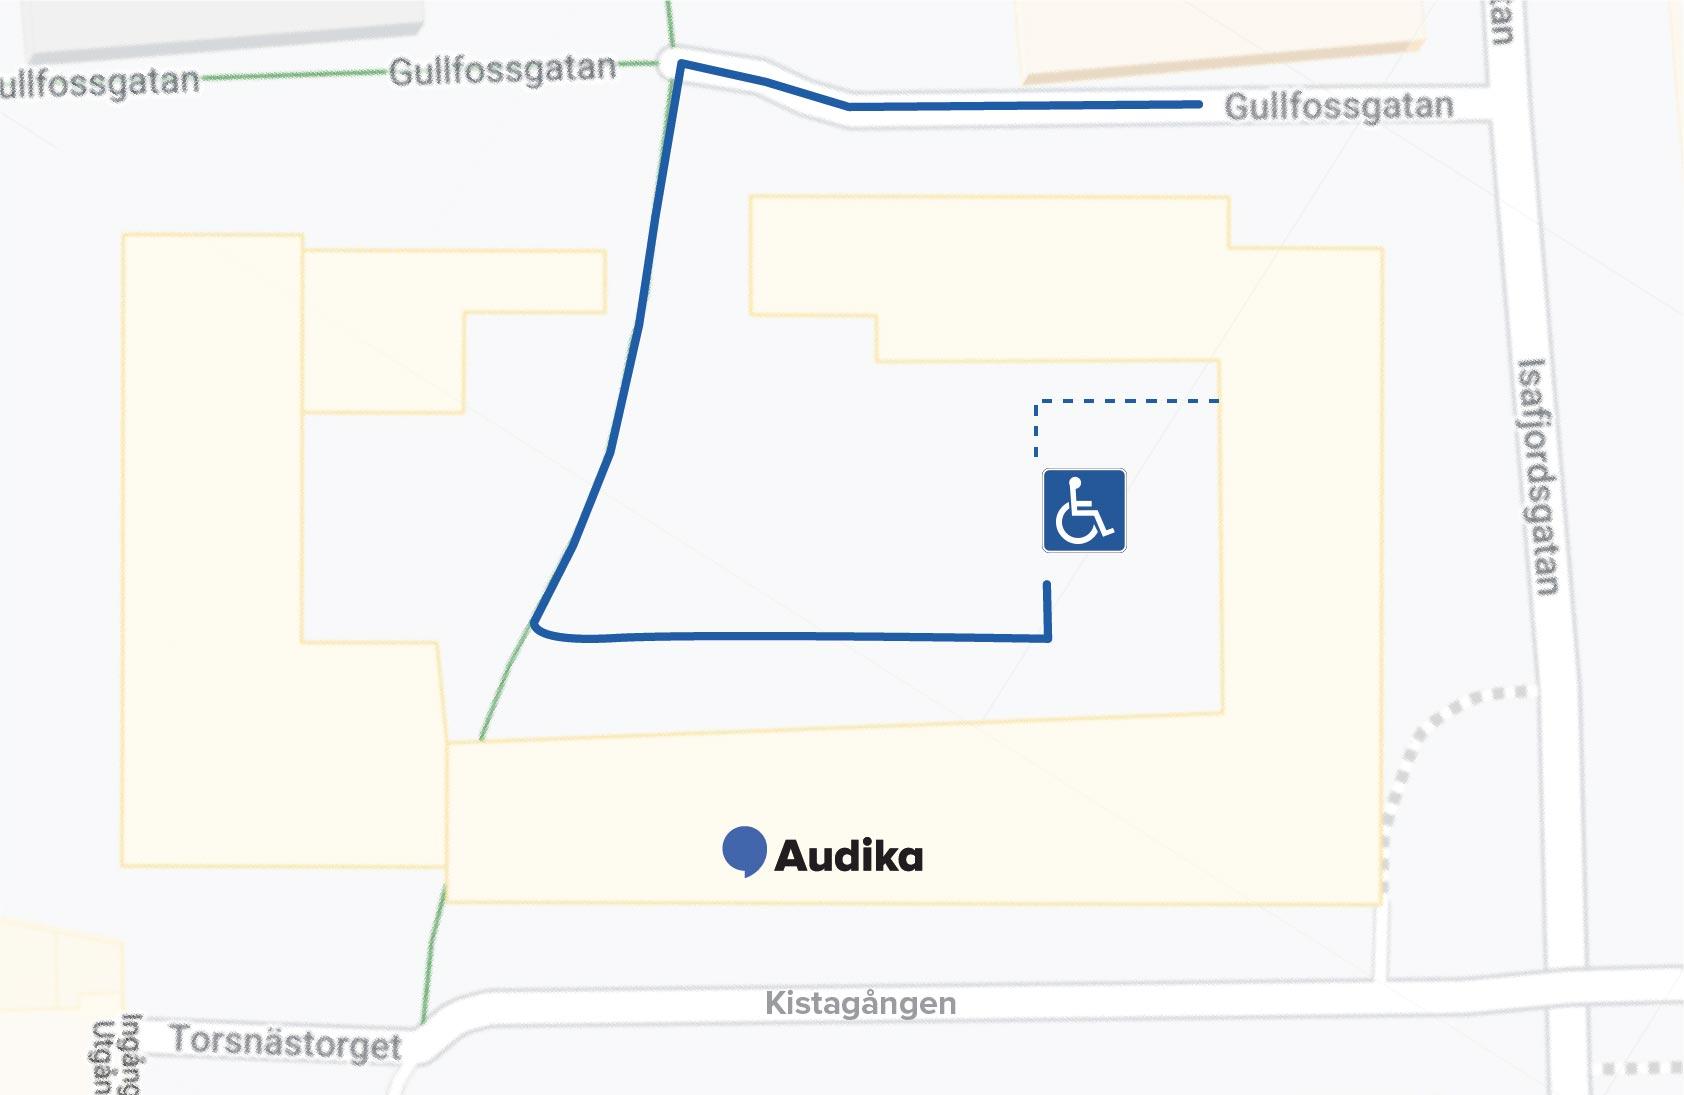 Audikas hörselklinik i Kista - prova hörapparat, gör hörseltest och träffa legitimerad audionom hos Audika.